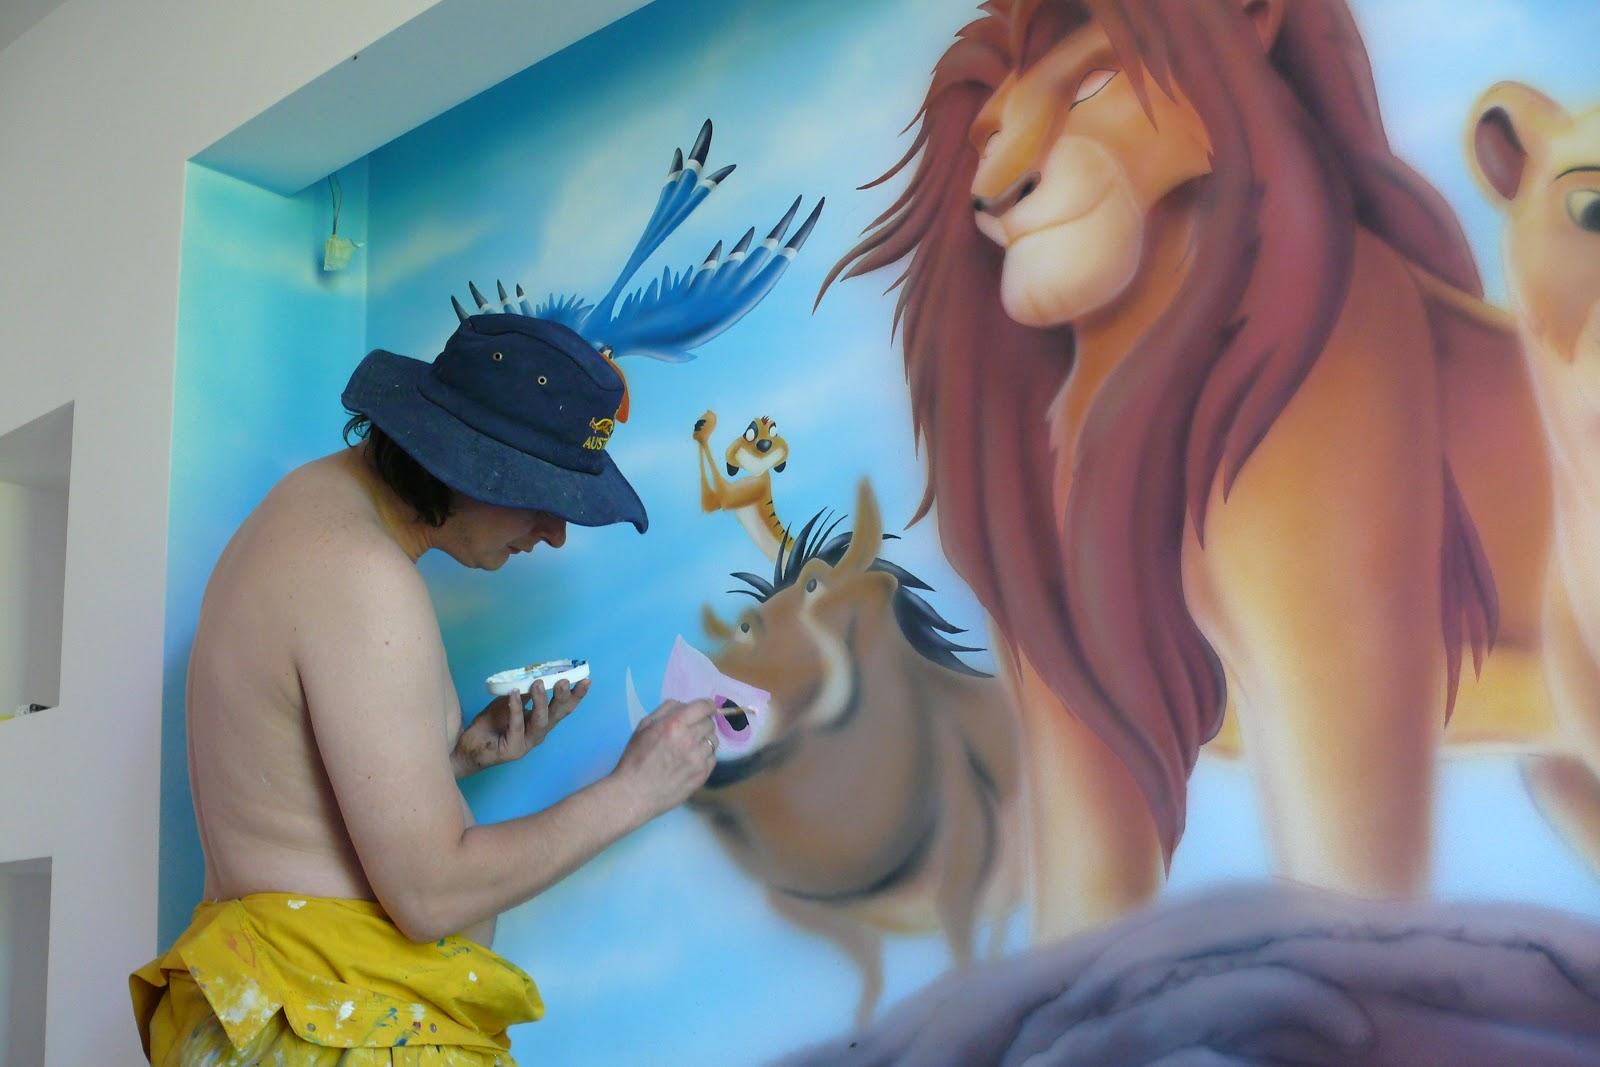 Simba, malowanie na ścianie motywu z bajki Król Lew, mural 3D, realistyczny obraz na ścianie